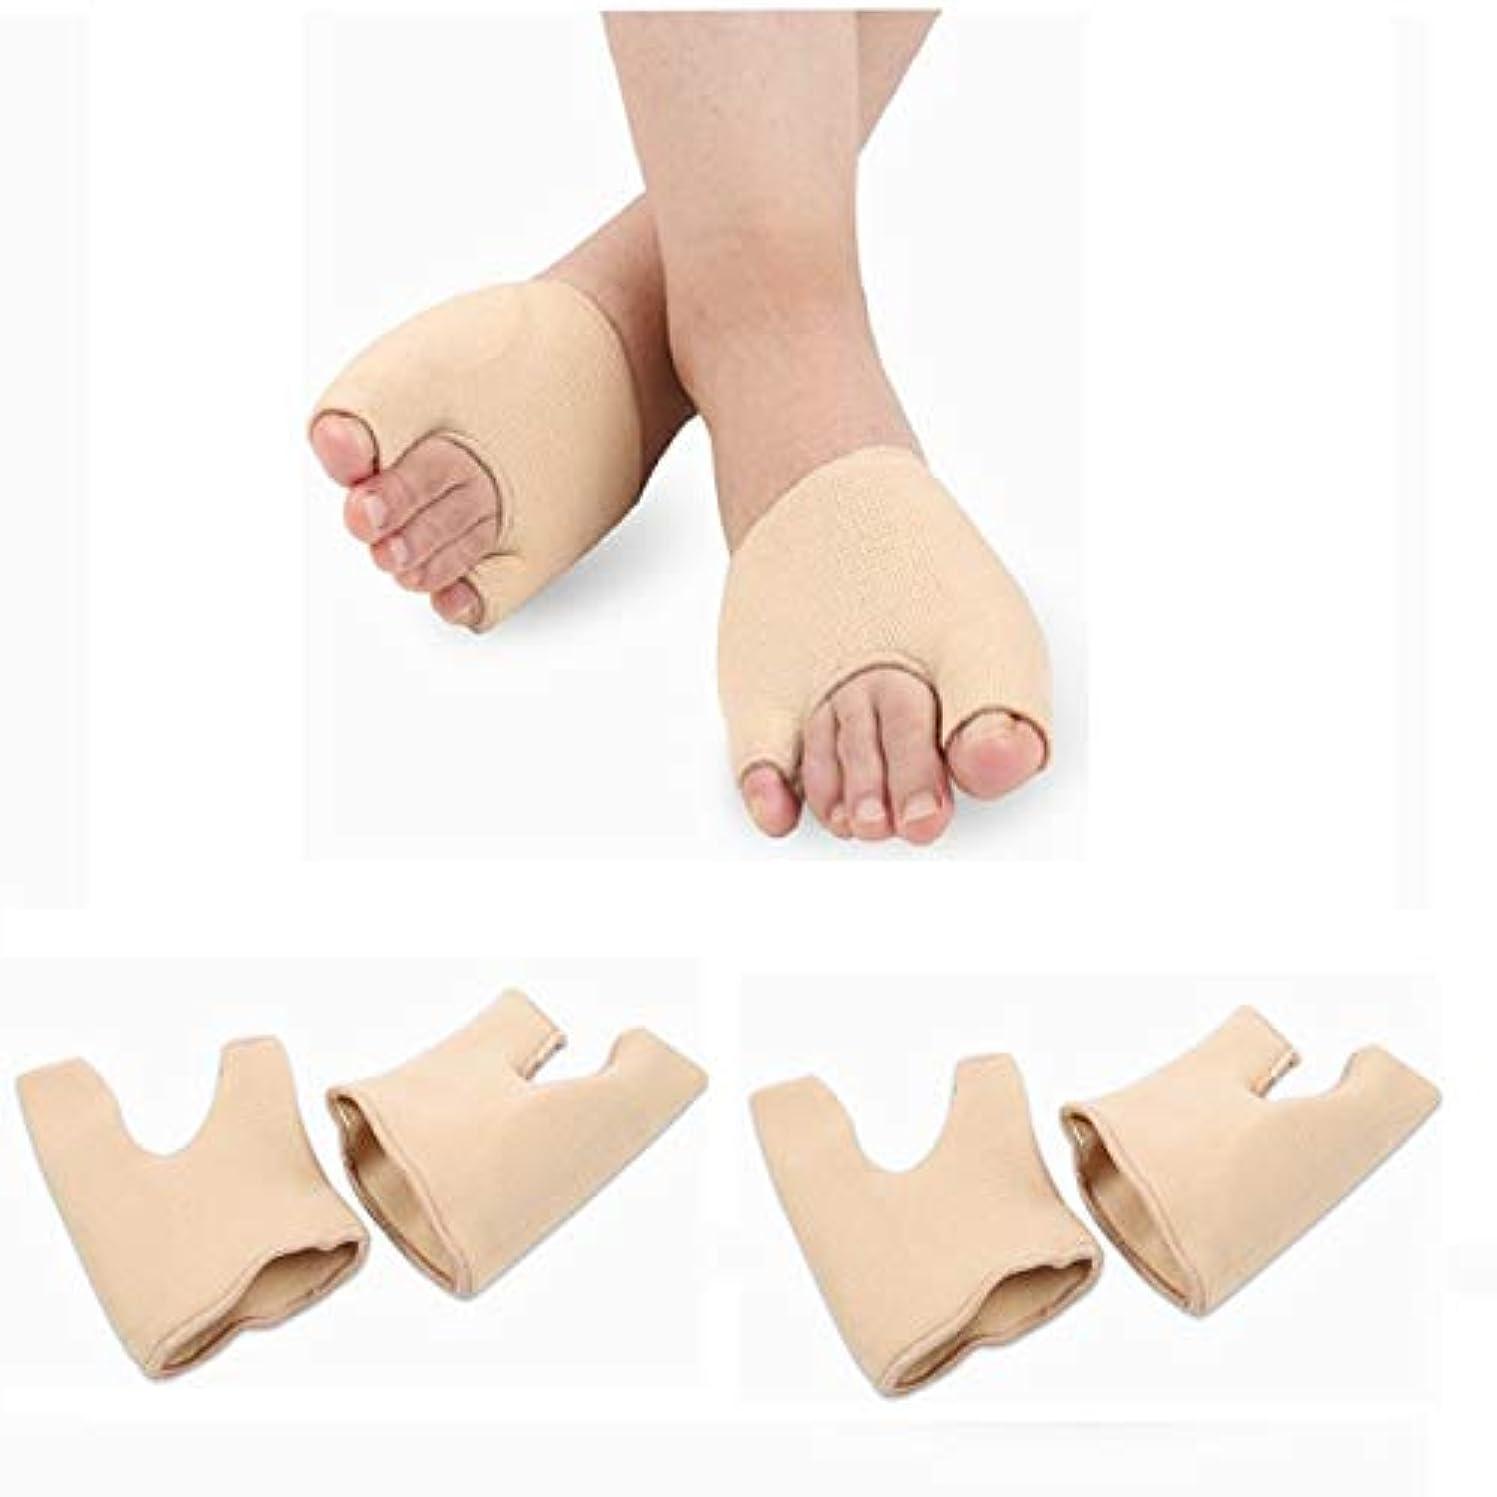 ラベルロードされたロック解除Hellery 2組の女性は、ブレースの袖を保護するパッド入りの外反母趾の腱膜瘤をゲル化